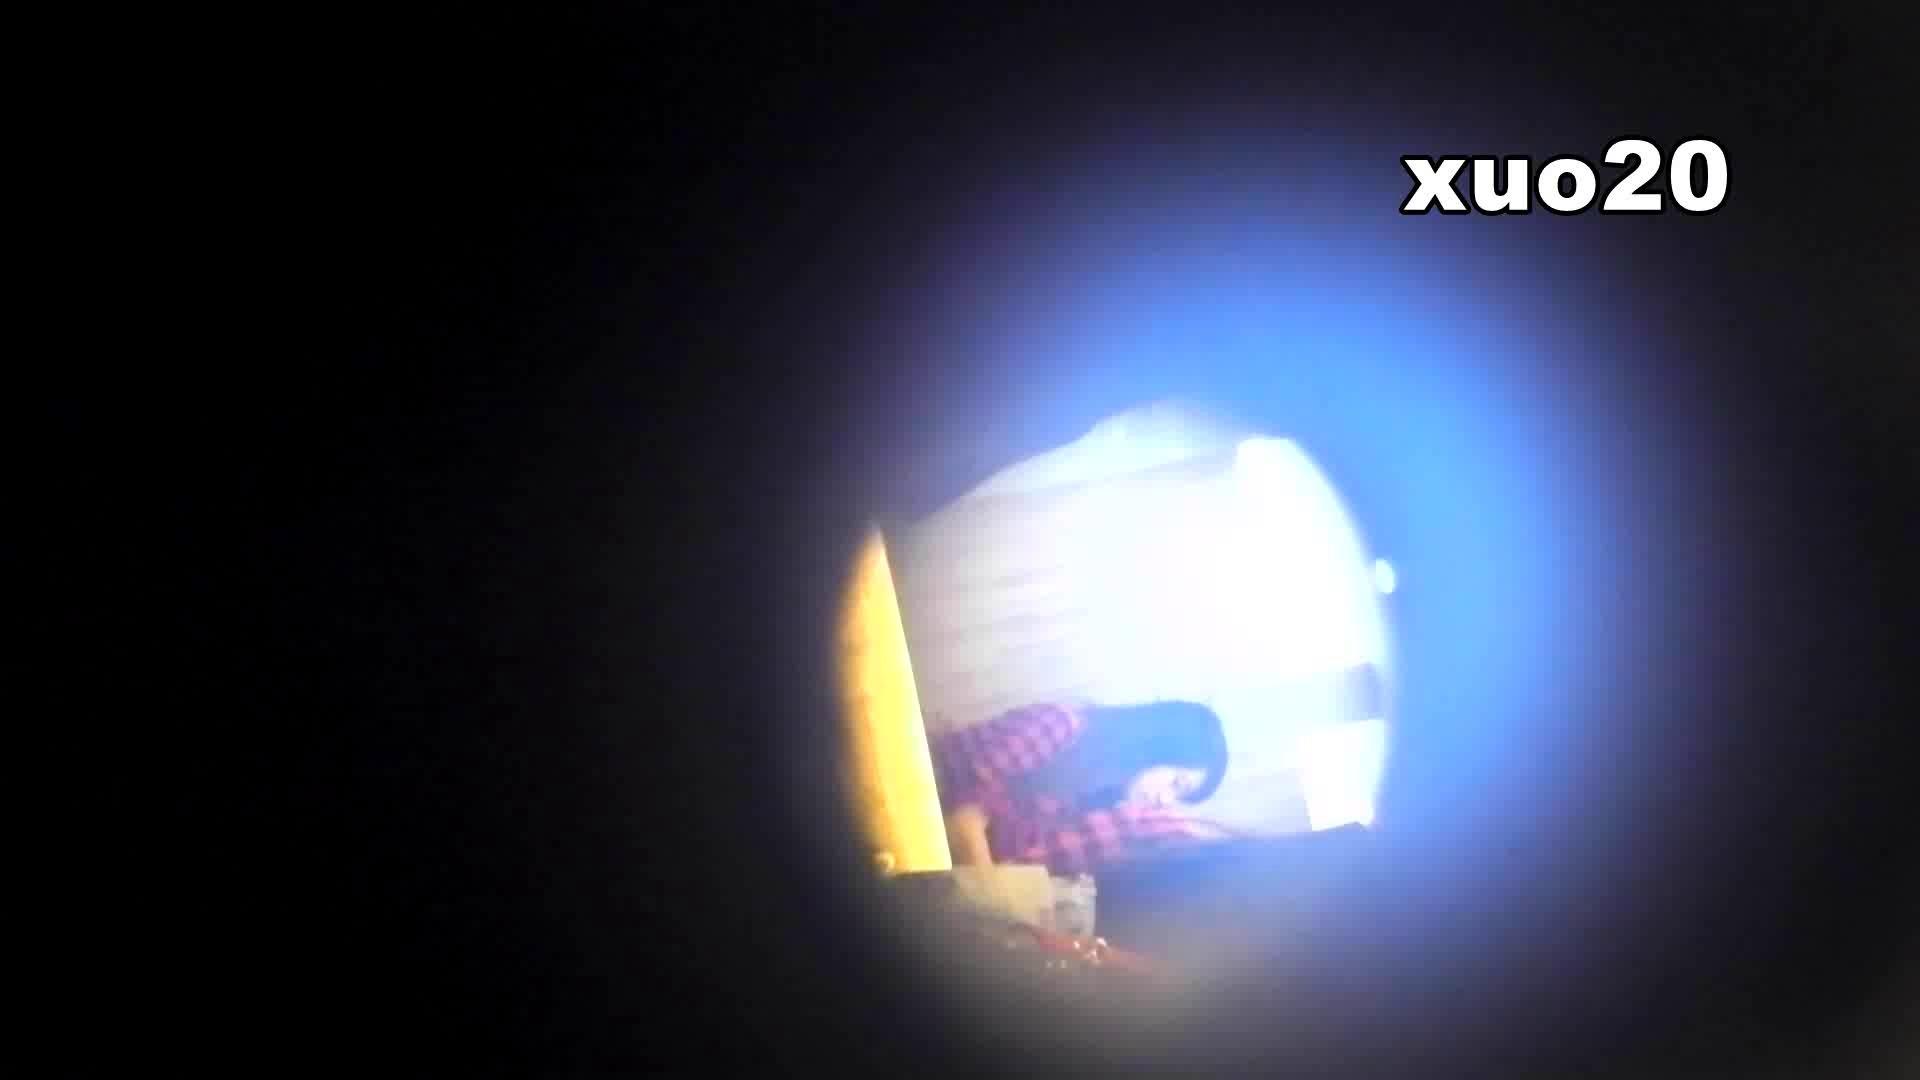 無料アダルト動画:阿国ちゃんの「和式洋式七変化」No.20 ジョーカーチックな方&指を沿わせる方:怪盗ジョーカー